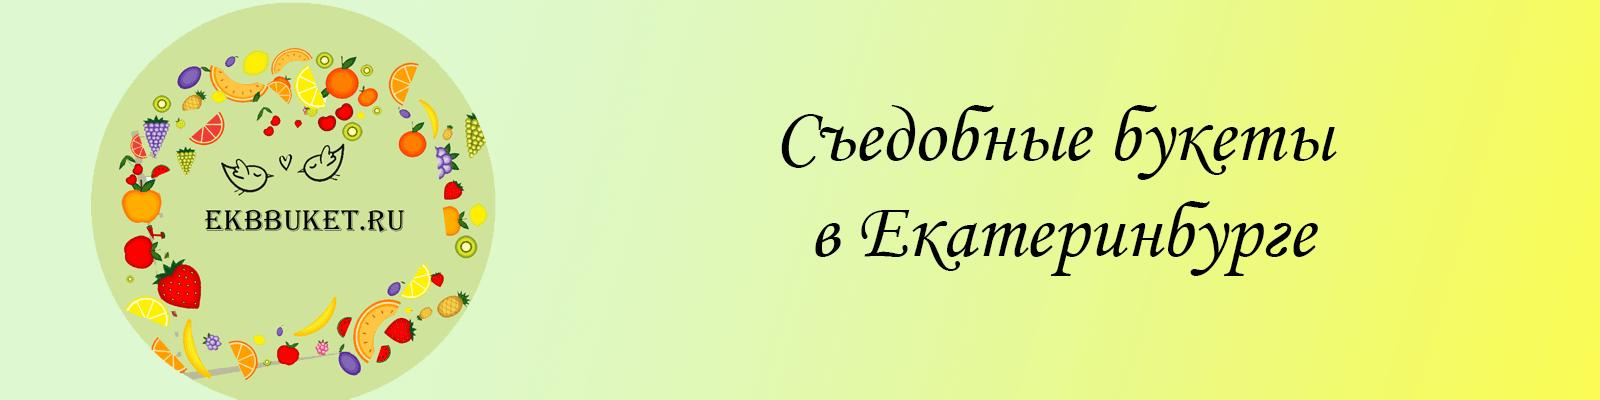 Съедобные букеты в Екатеринбурге